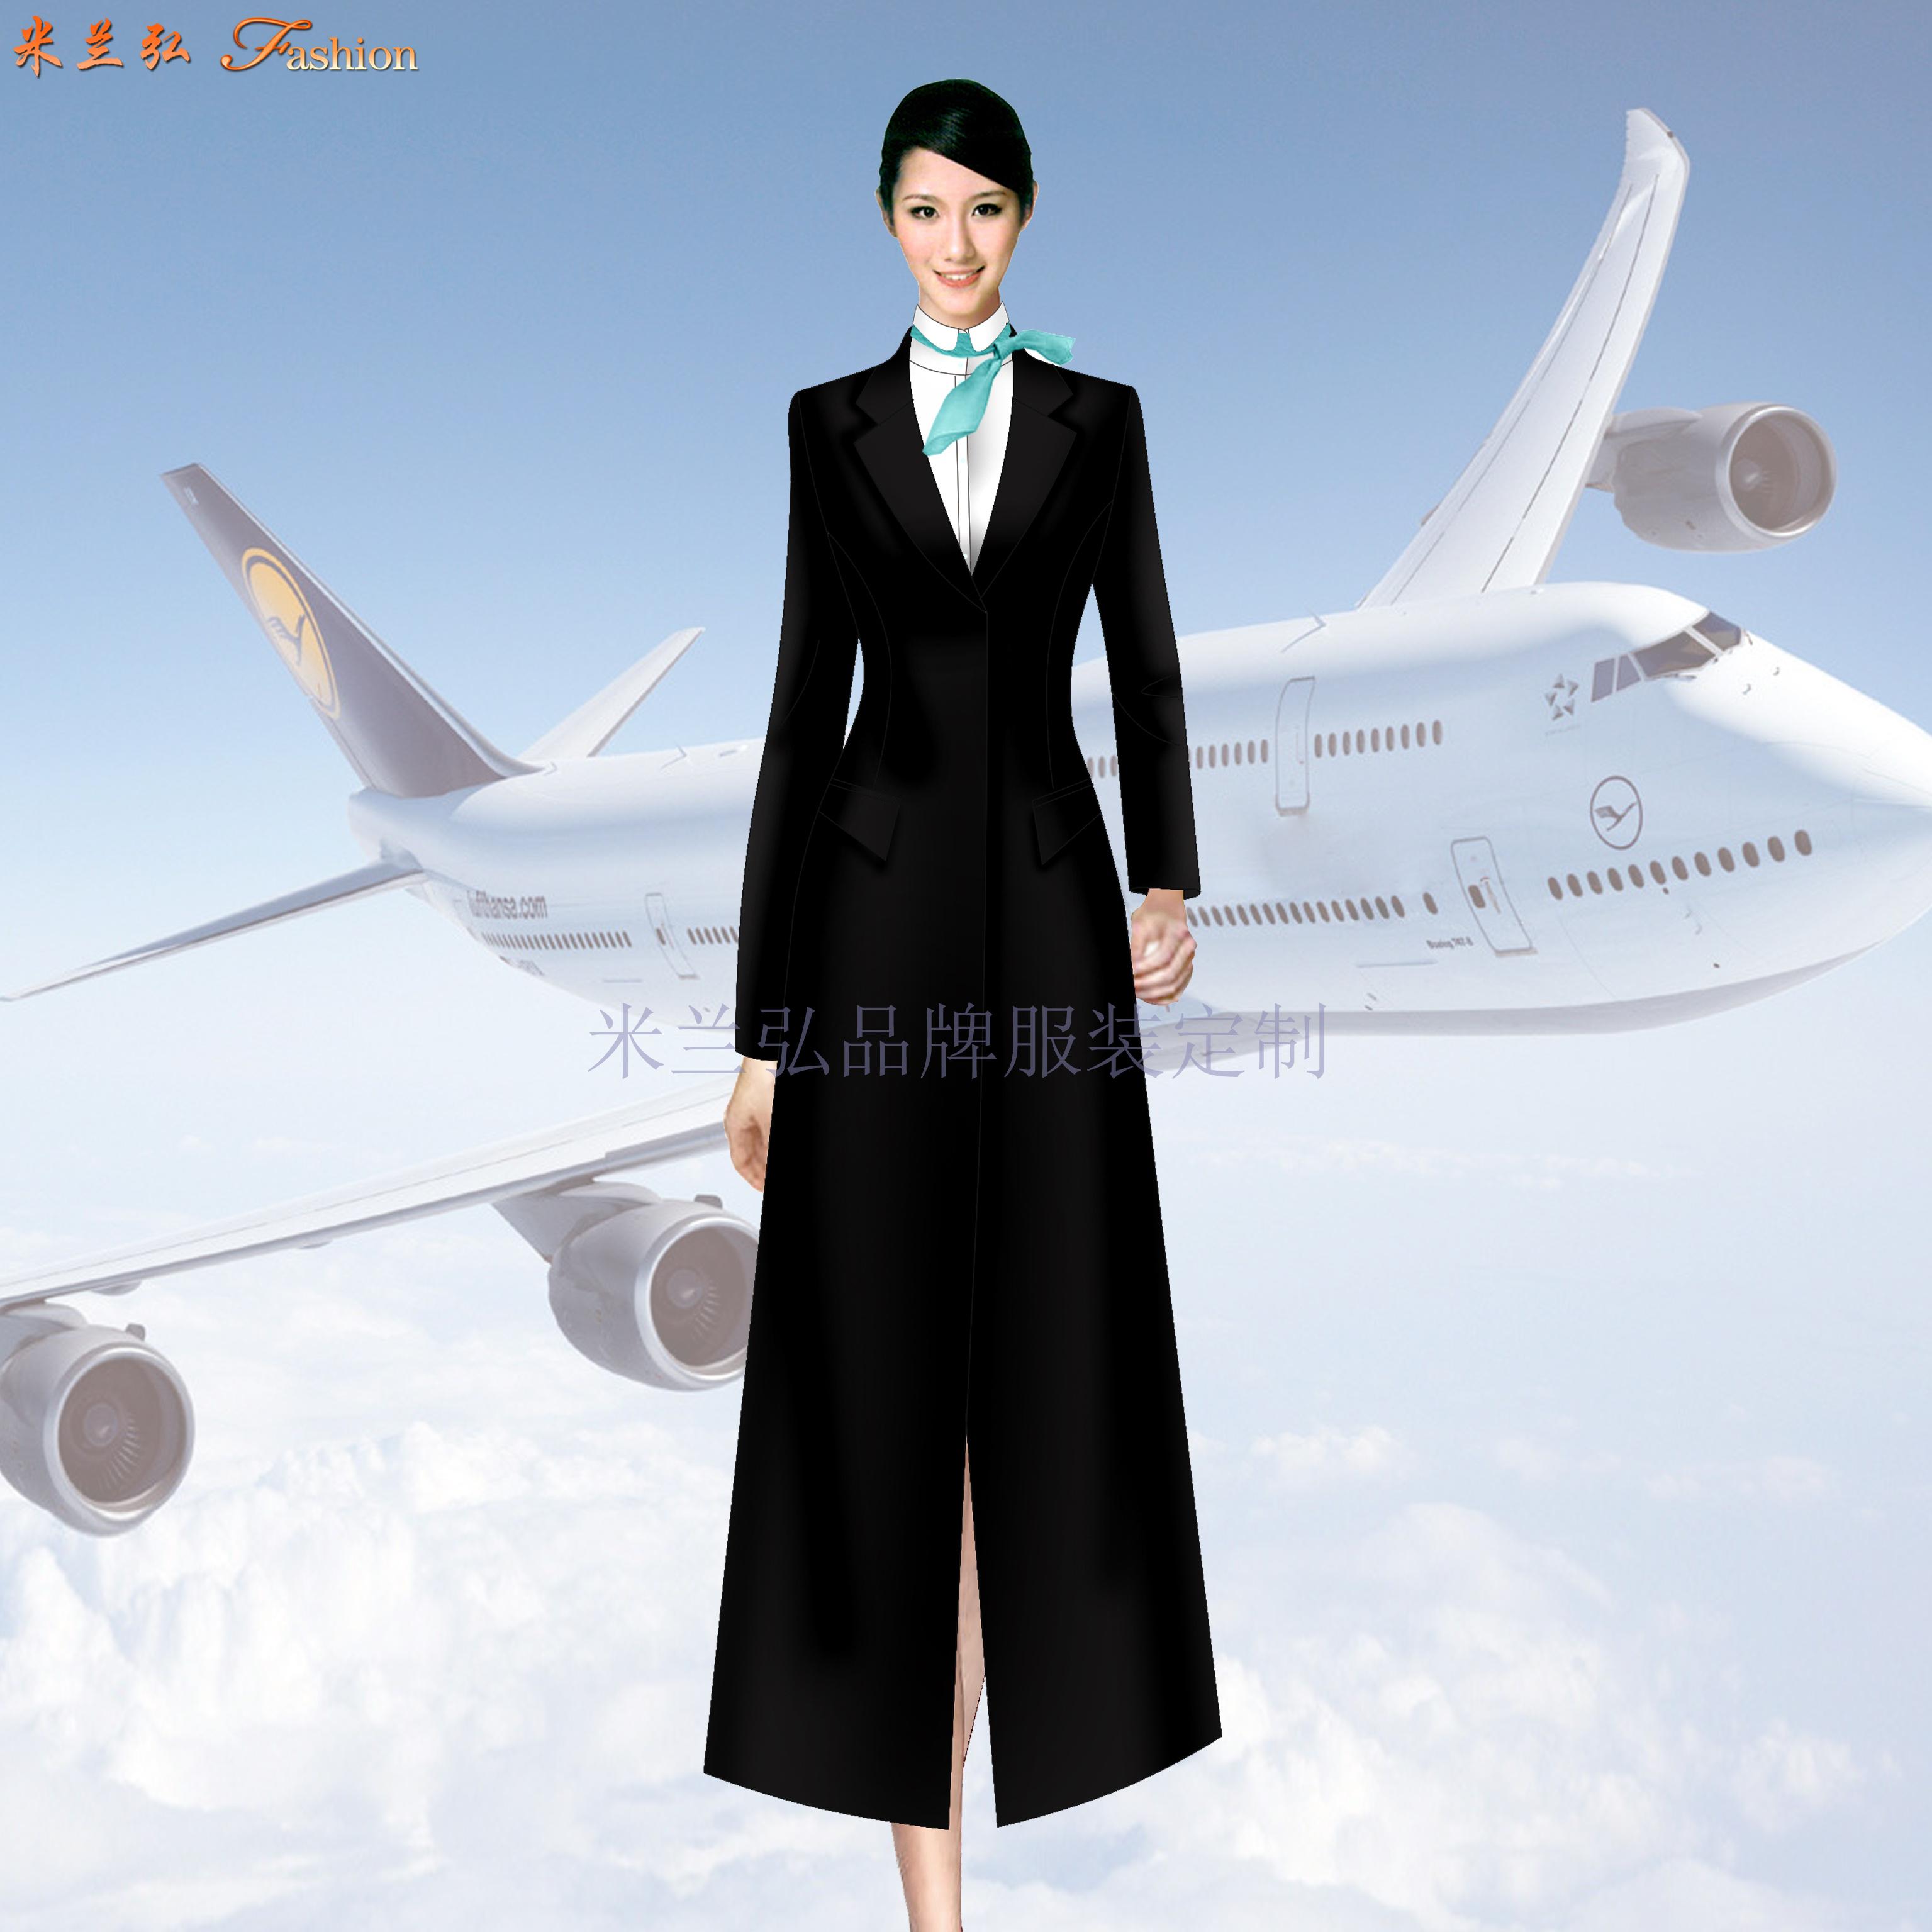 「航空大衣定制」「空姐羊毛大衣定做」「航空機長大衣訂制」-2